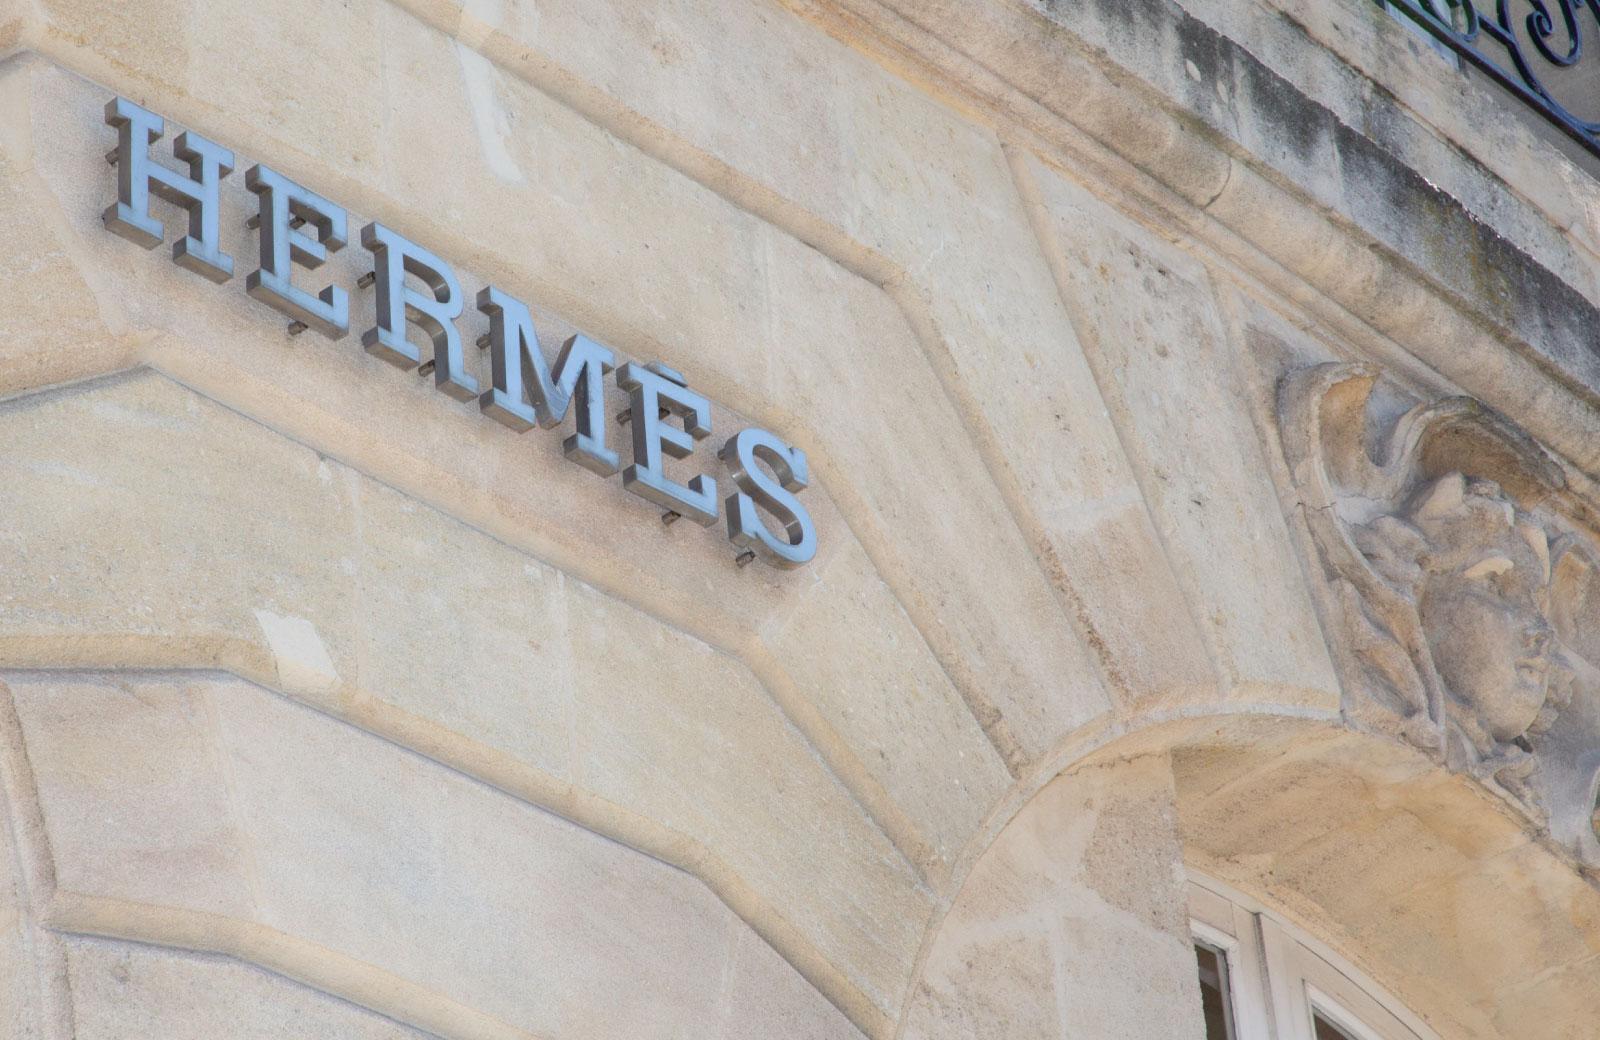 hermes shop signage